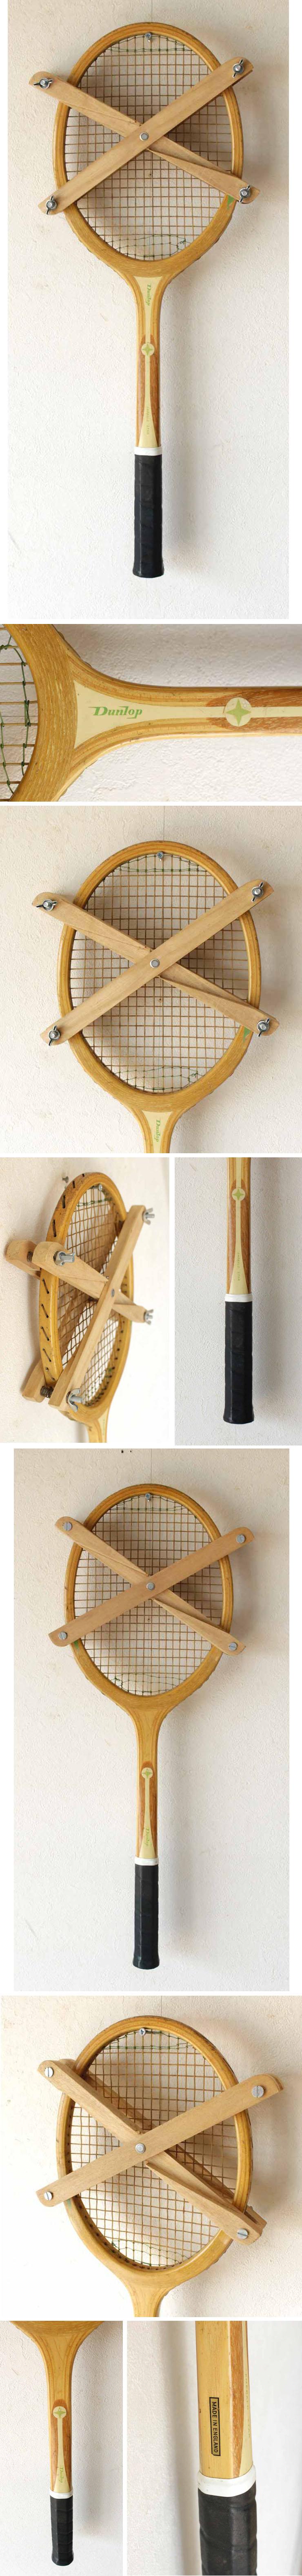 イギリス・テニスラケット・ダンロップ・インテリア・ビンテージ・アンティーク・英国